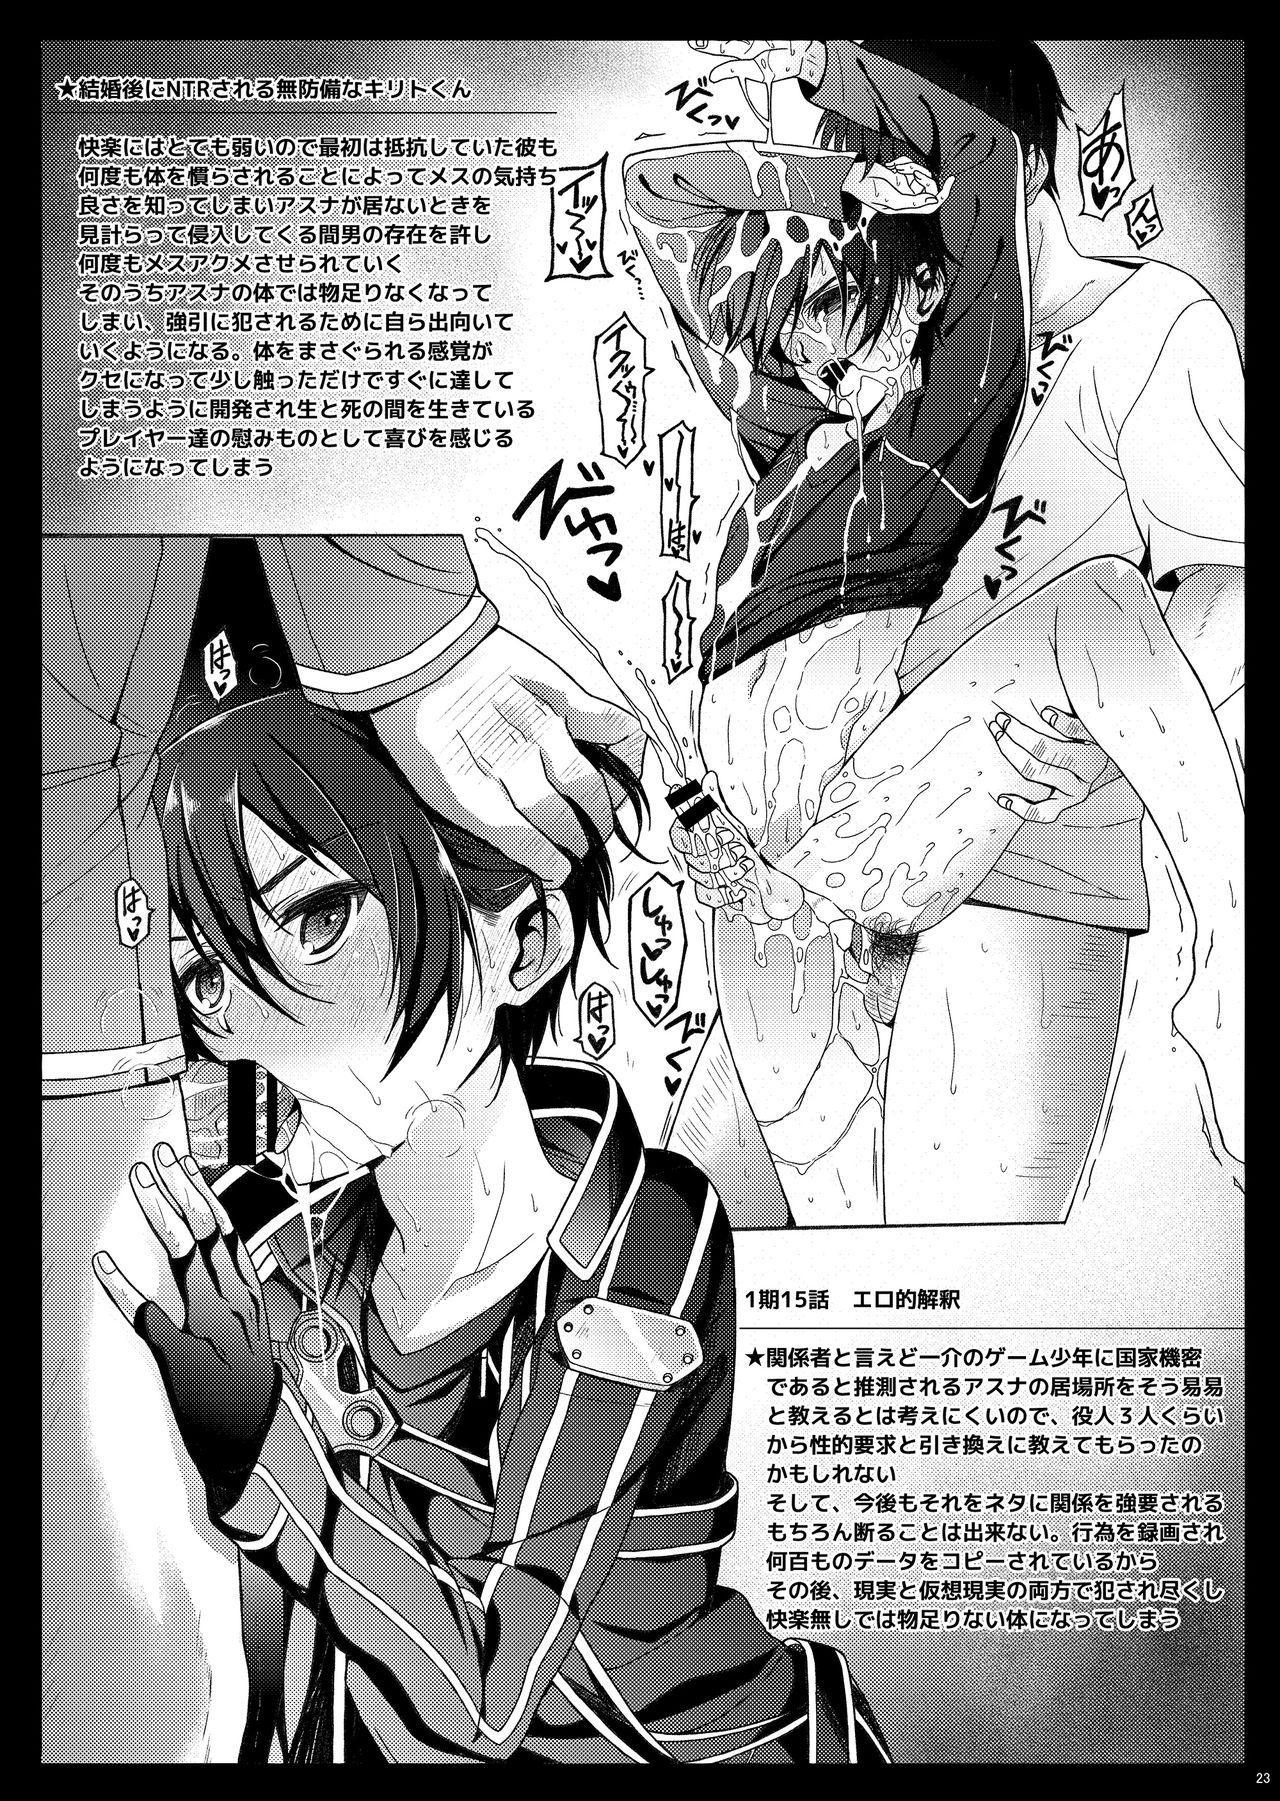 Kuro no Kenshi Ryoujoku 22